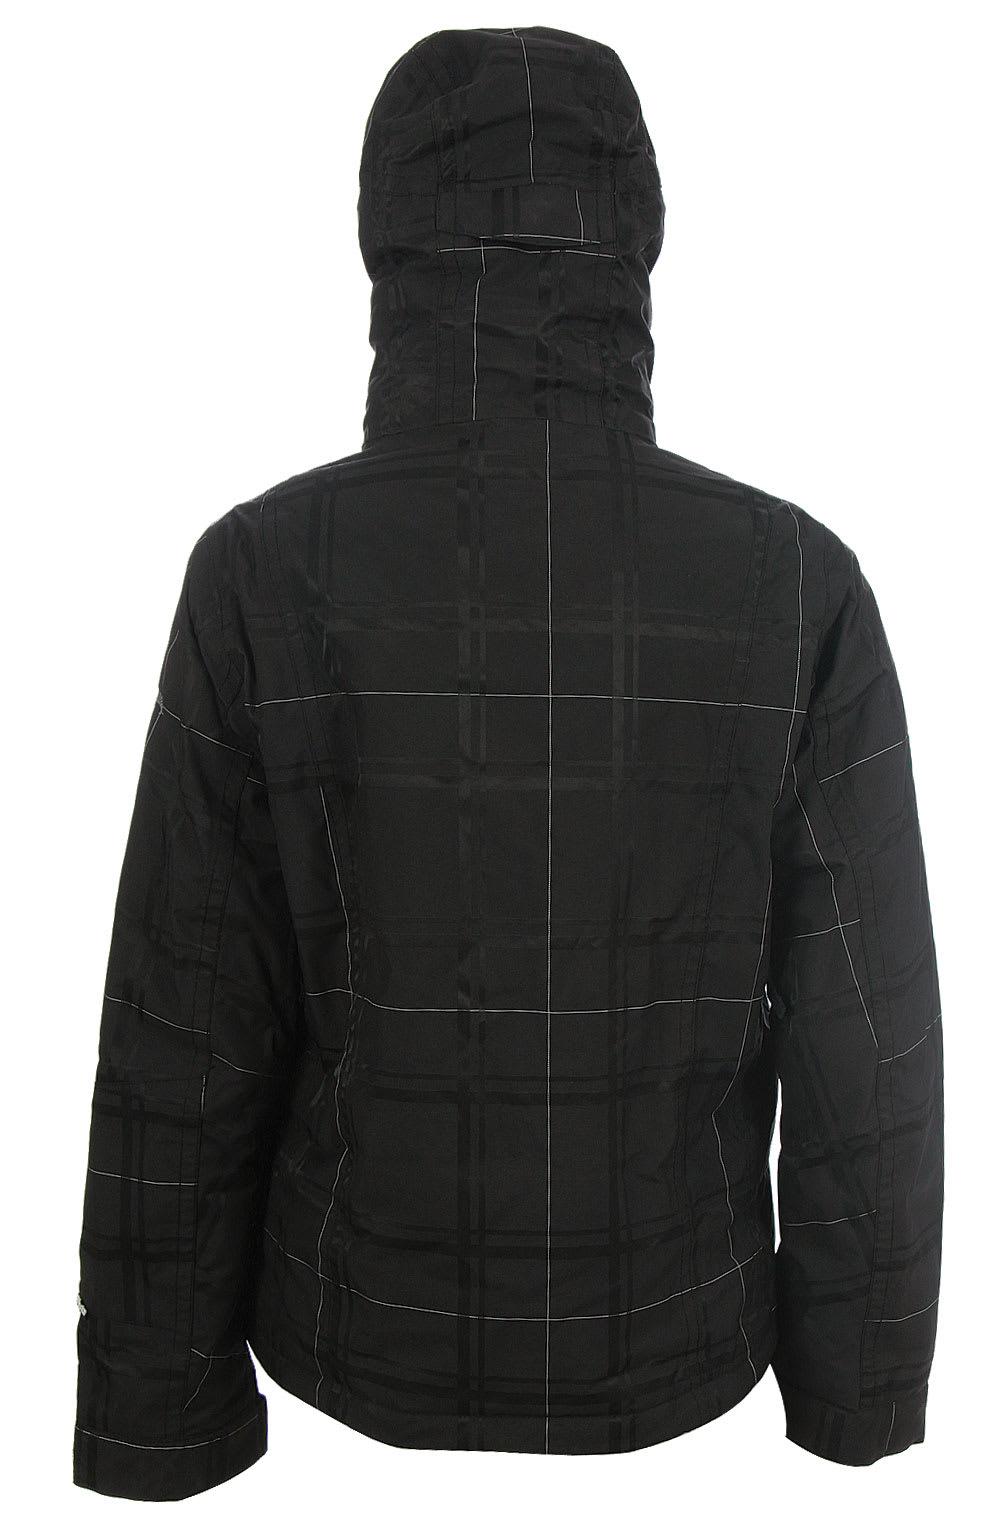 Volcom Jackets